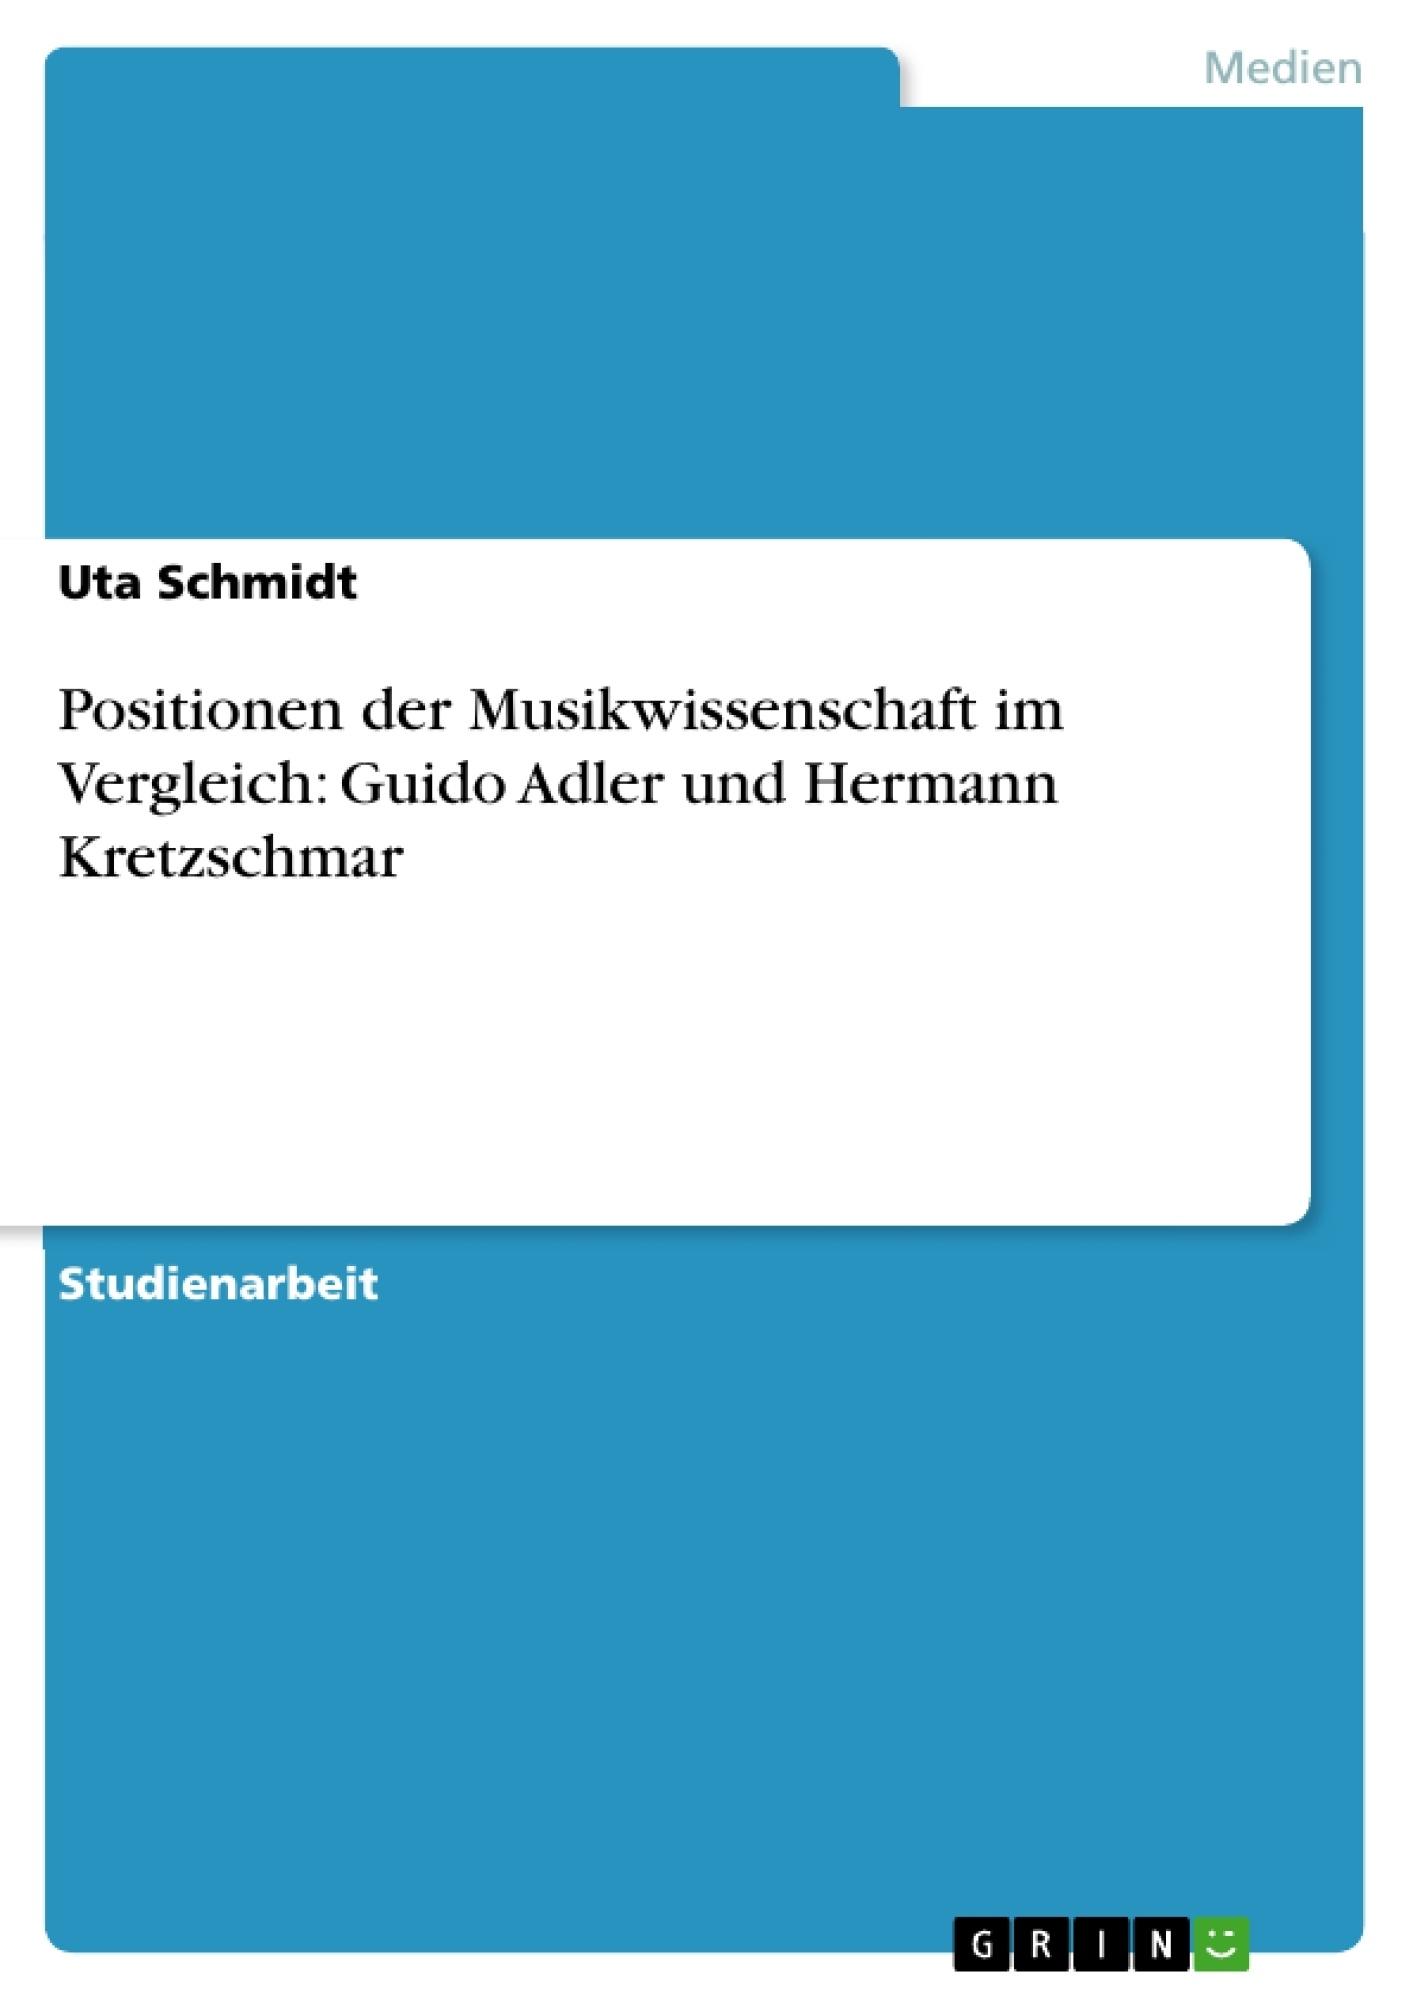 Titel: Positionen der Musikwissenschaft im Vergleich: Guido Adler und Hermann Kretzschmar